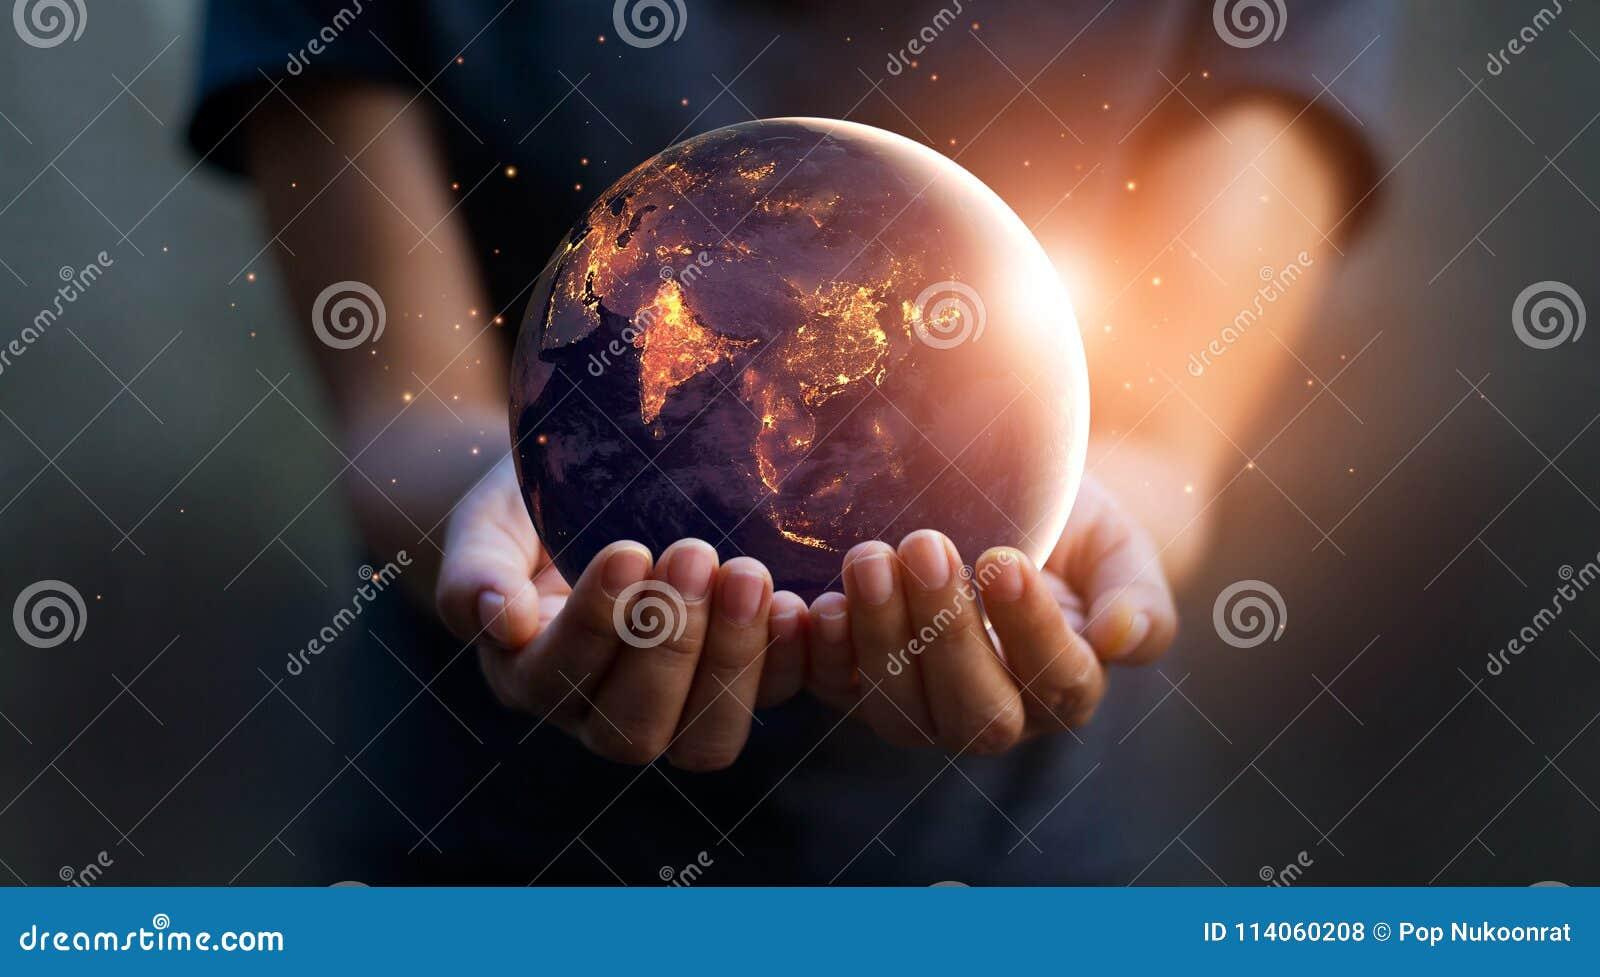 地球在晚上在人的手上举行 变褐环境叶子去去的绿色拥抱本质说明说法口号文本结构树的包括的日地球